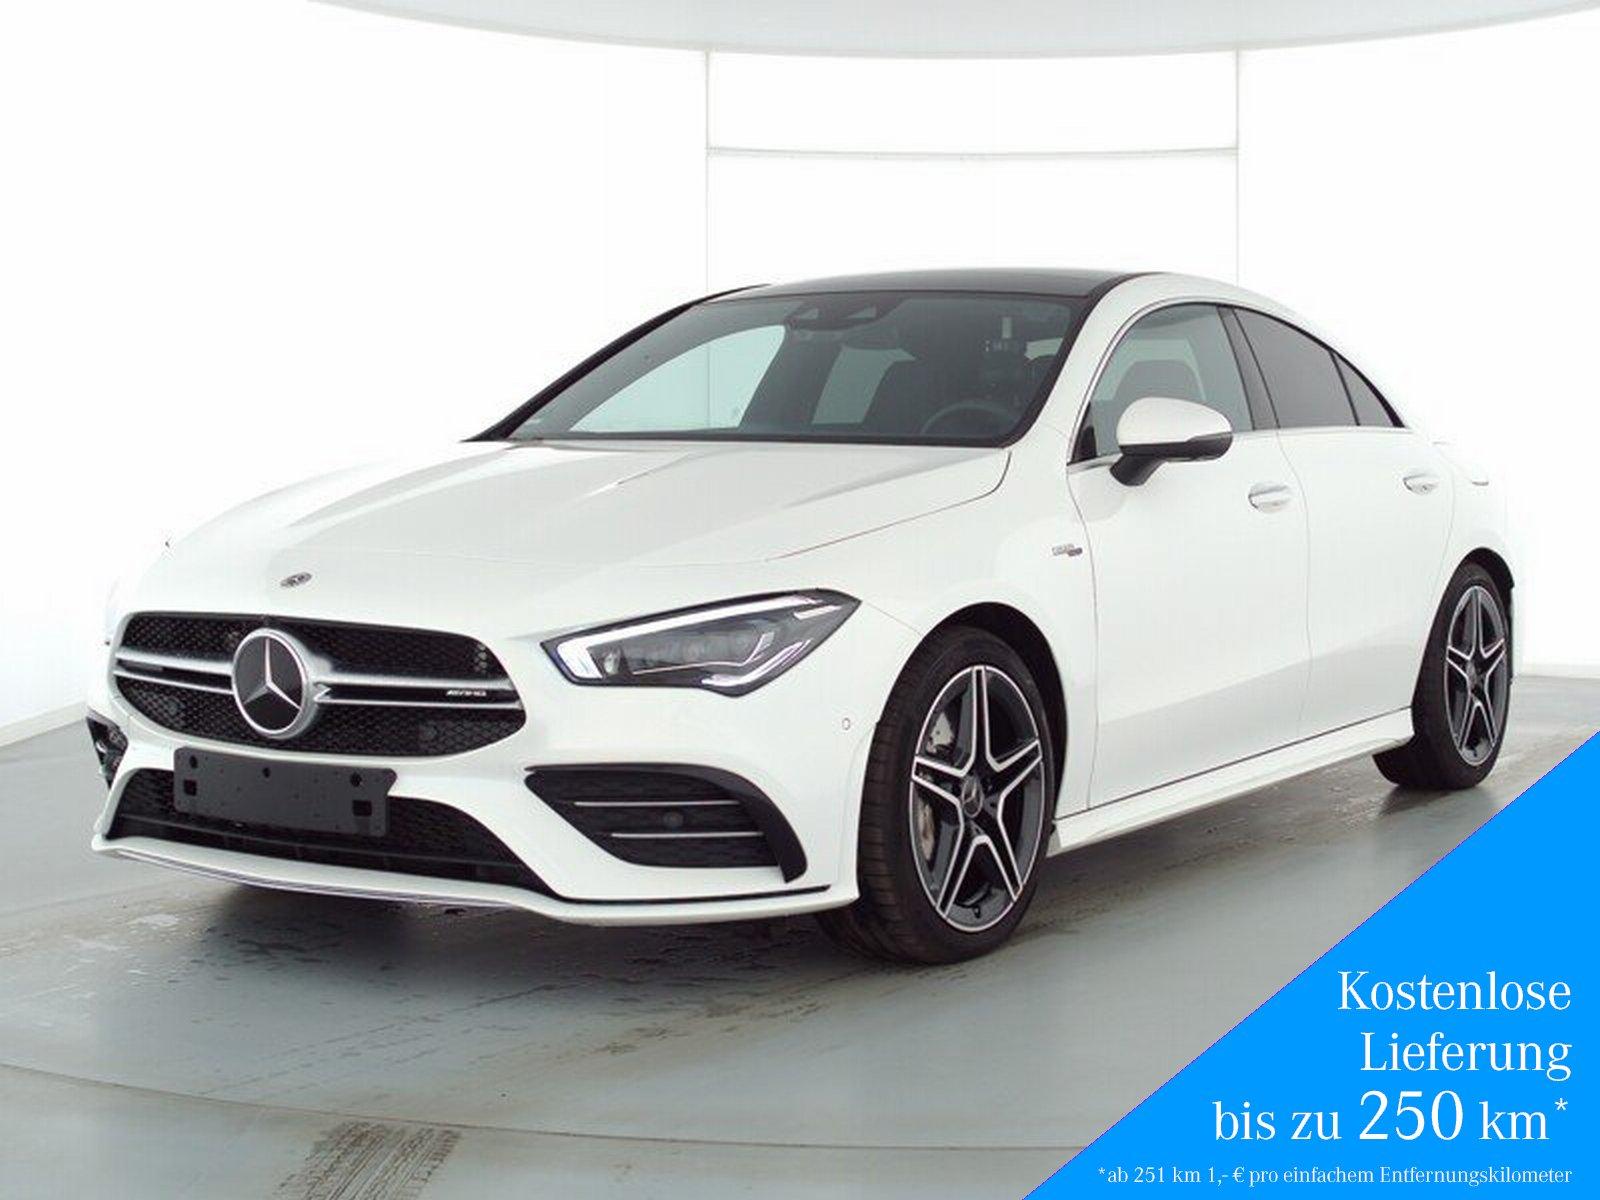 Mercedes-Benz CLA 35 AMG 4M+Pano+AHK+StandHz+360°+Distronic, Jahr 2020, Benzin